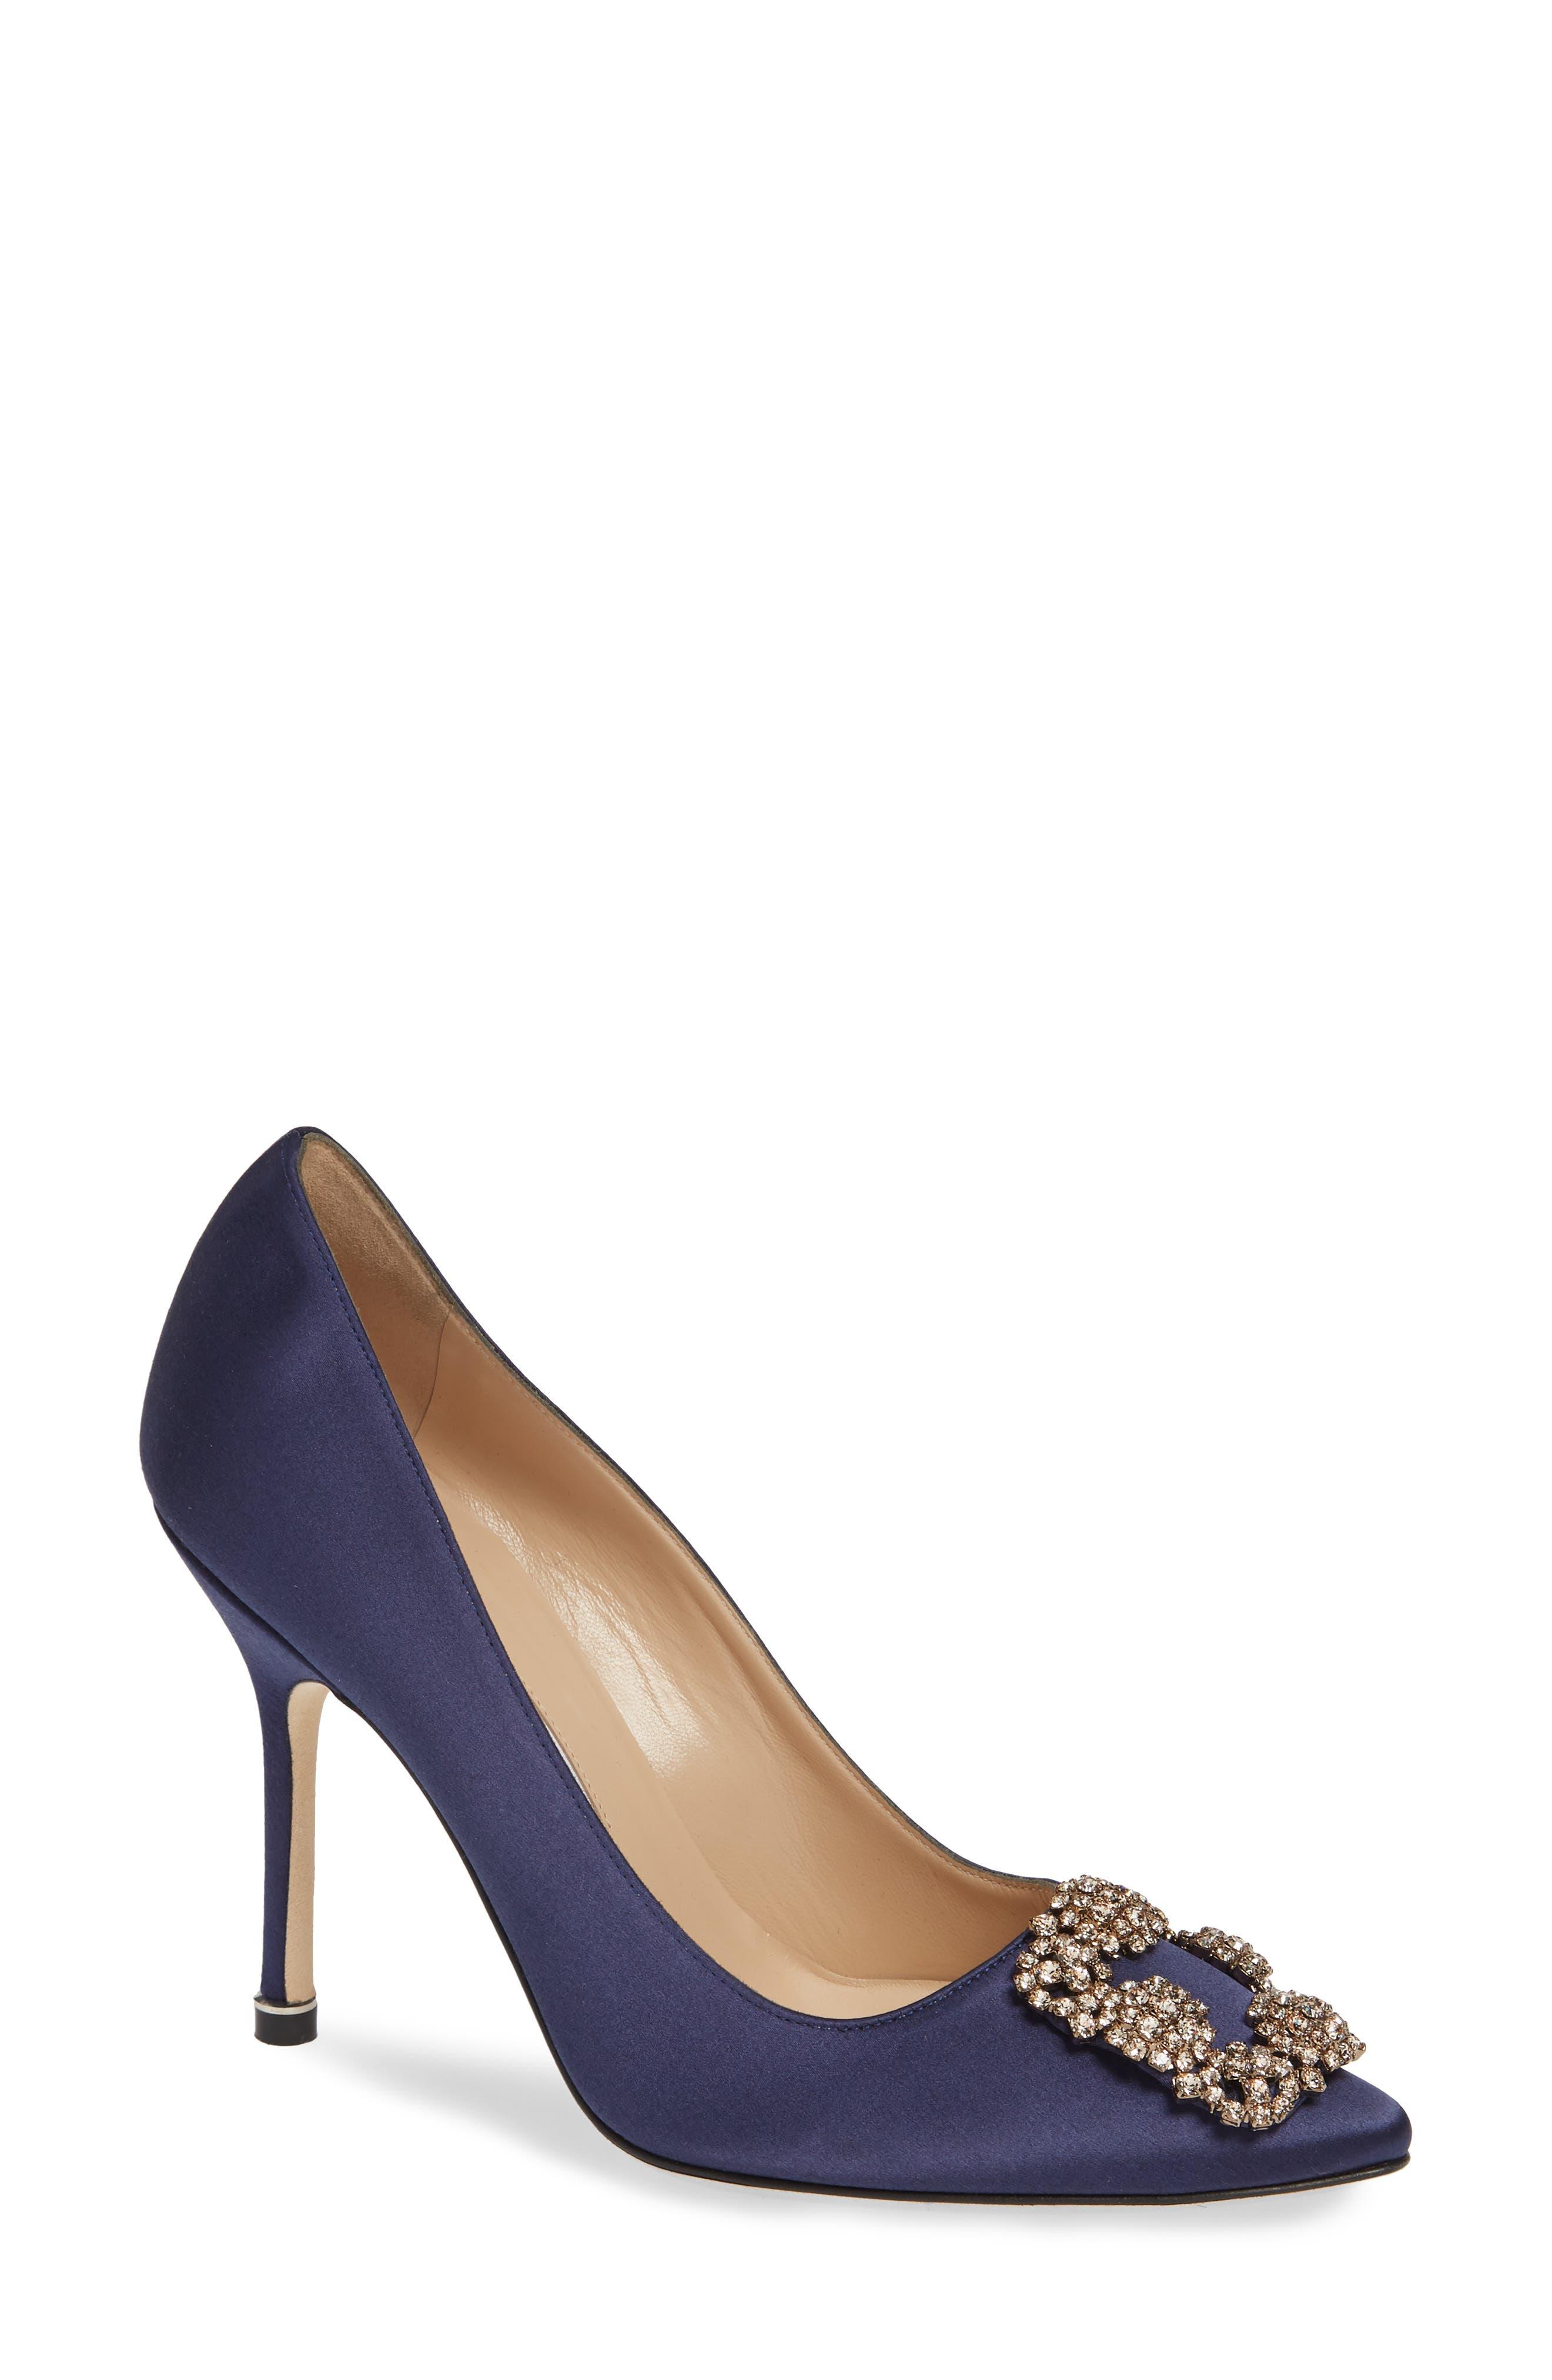 2953f2b4e4d Women s Heels